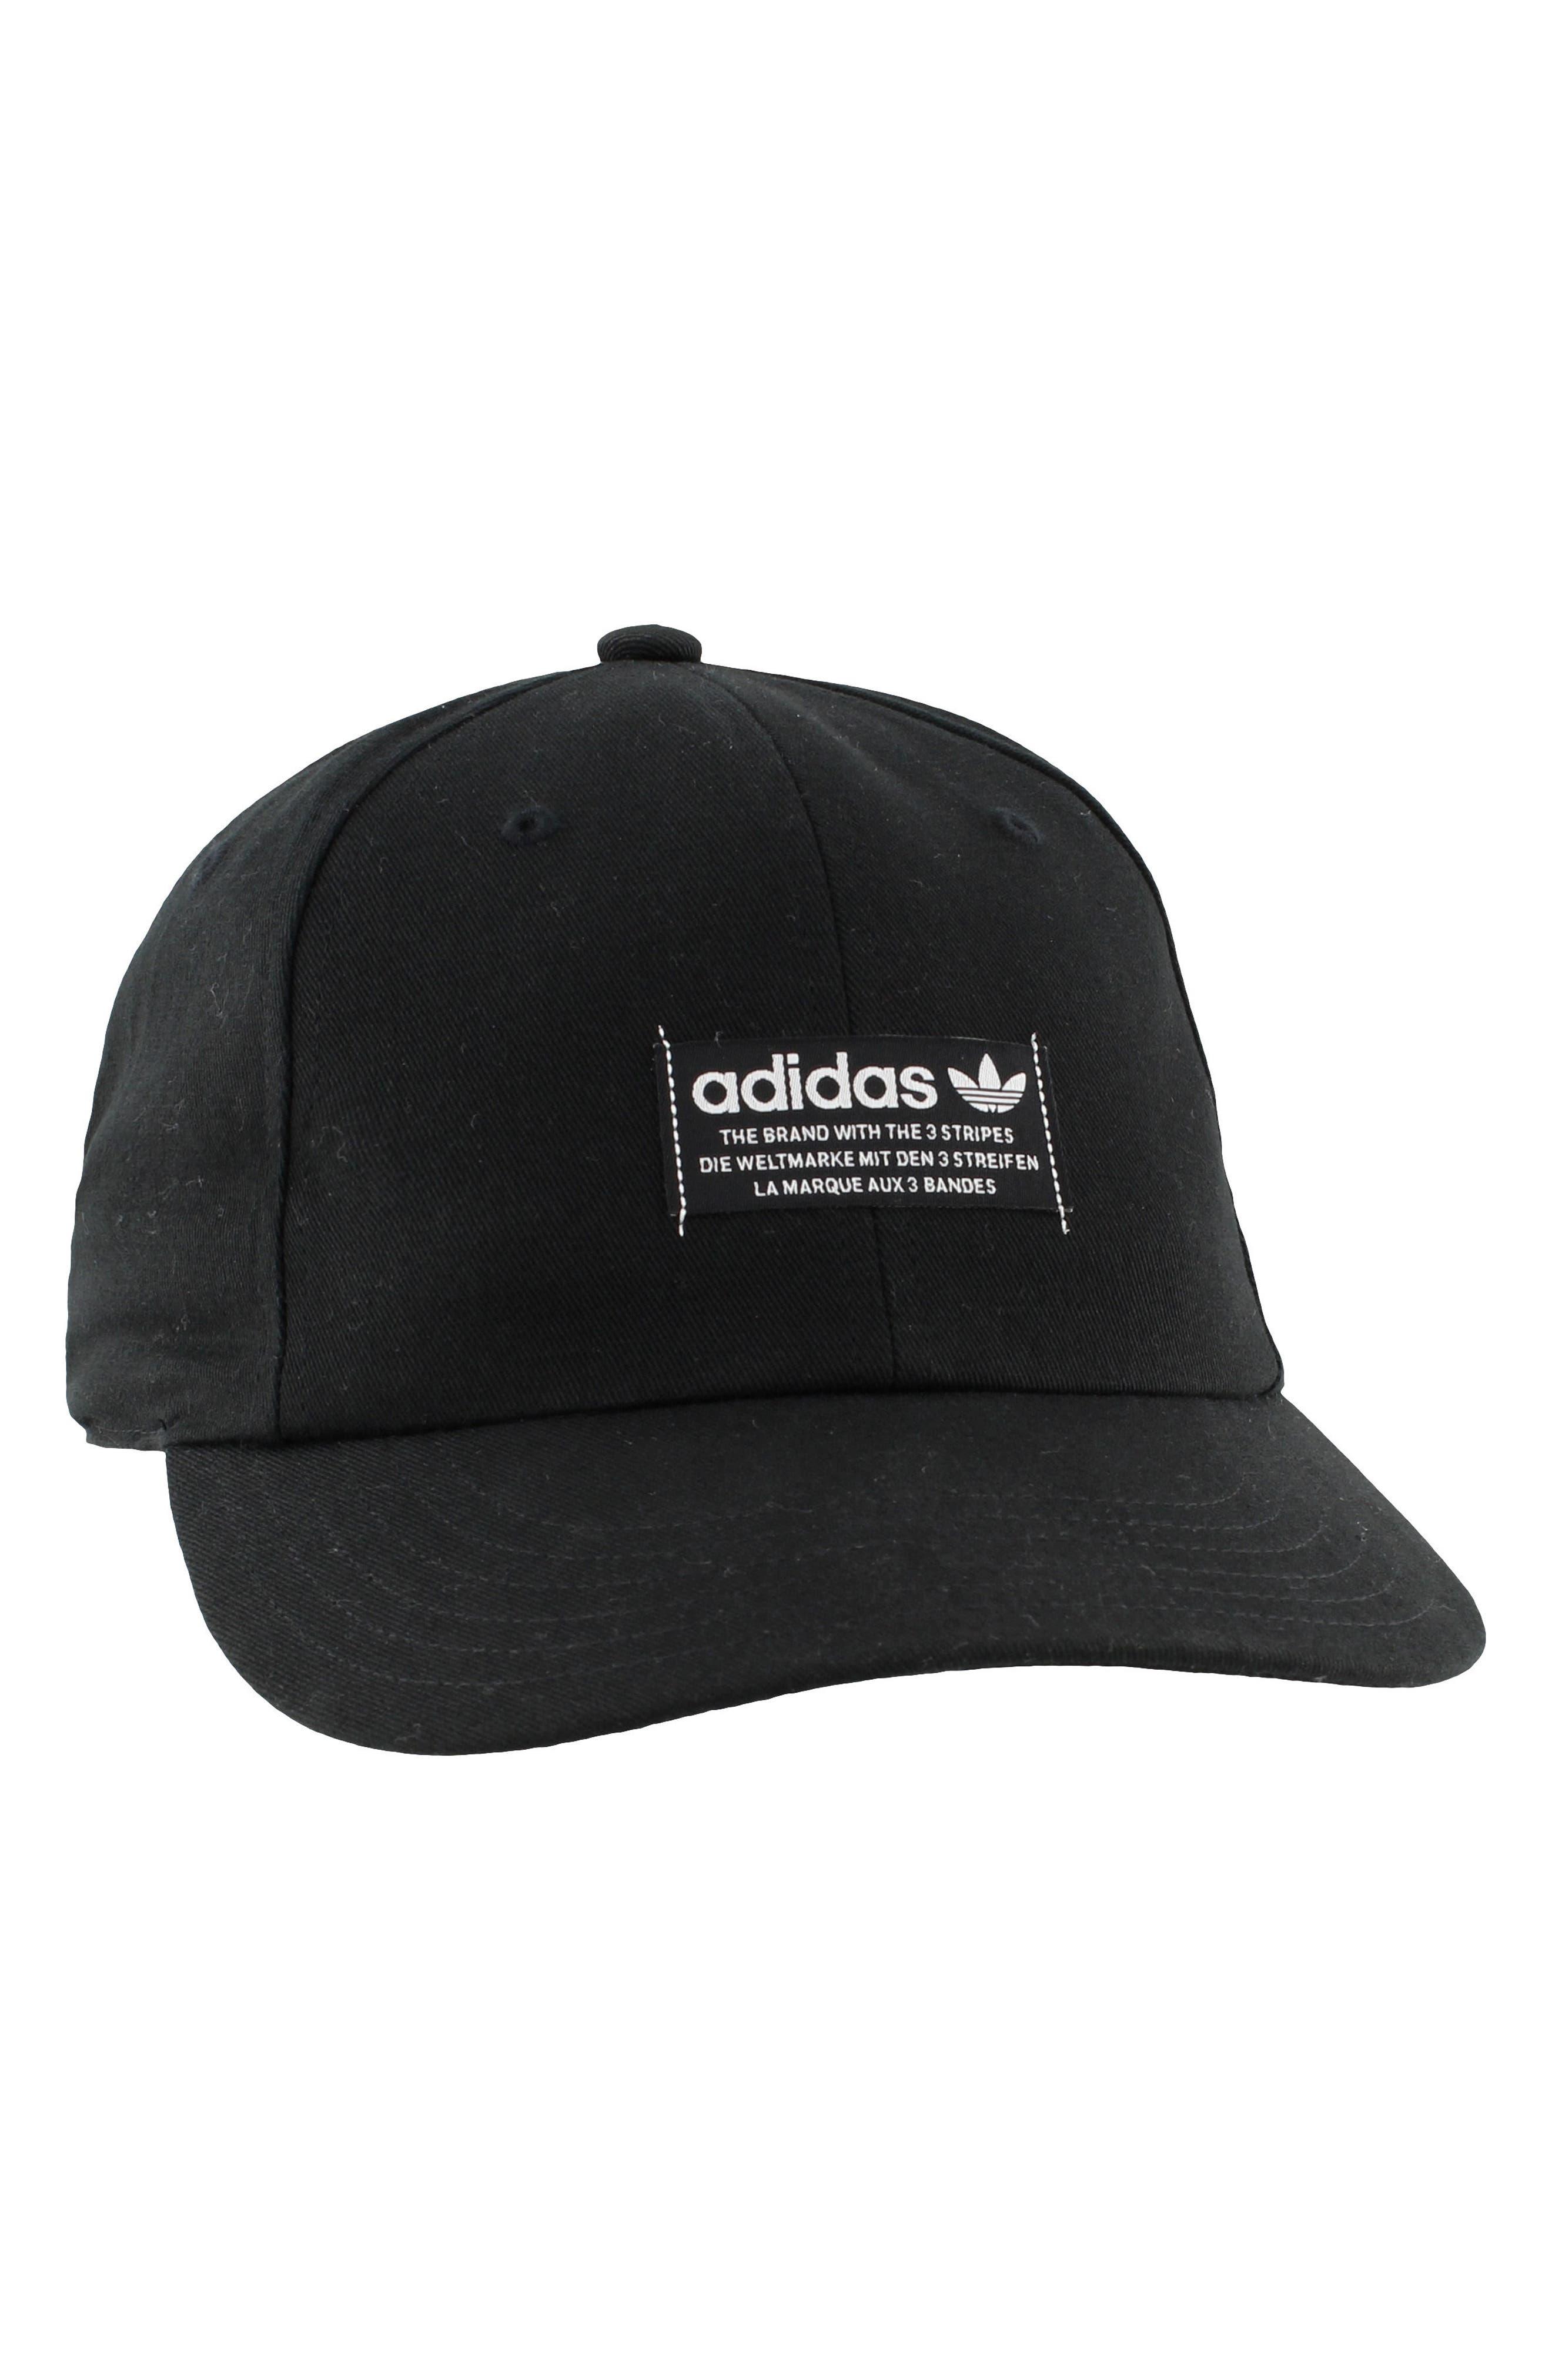 ab085f19405 Men s Adidas Originals Hats